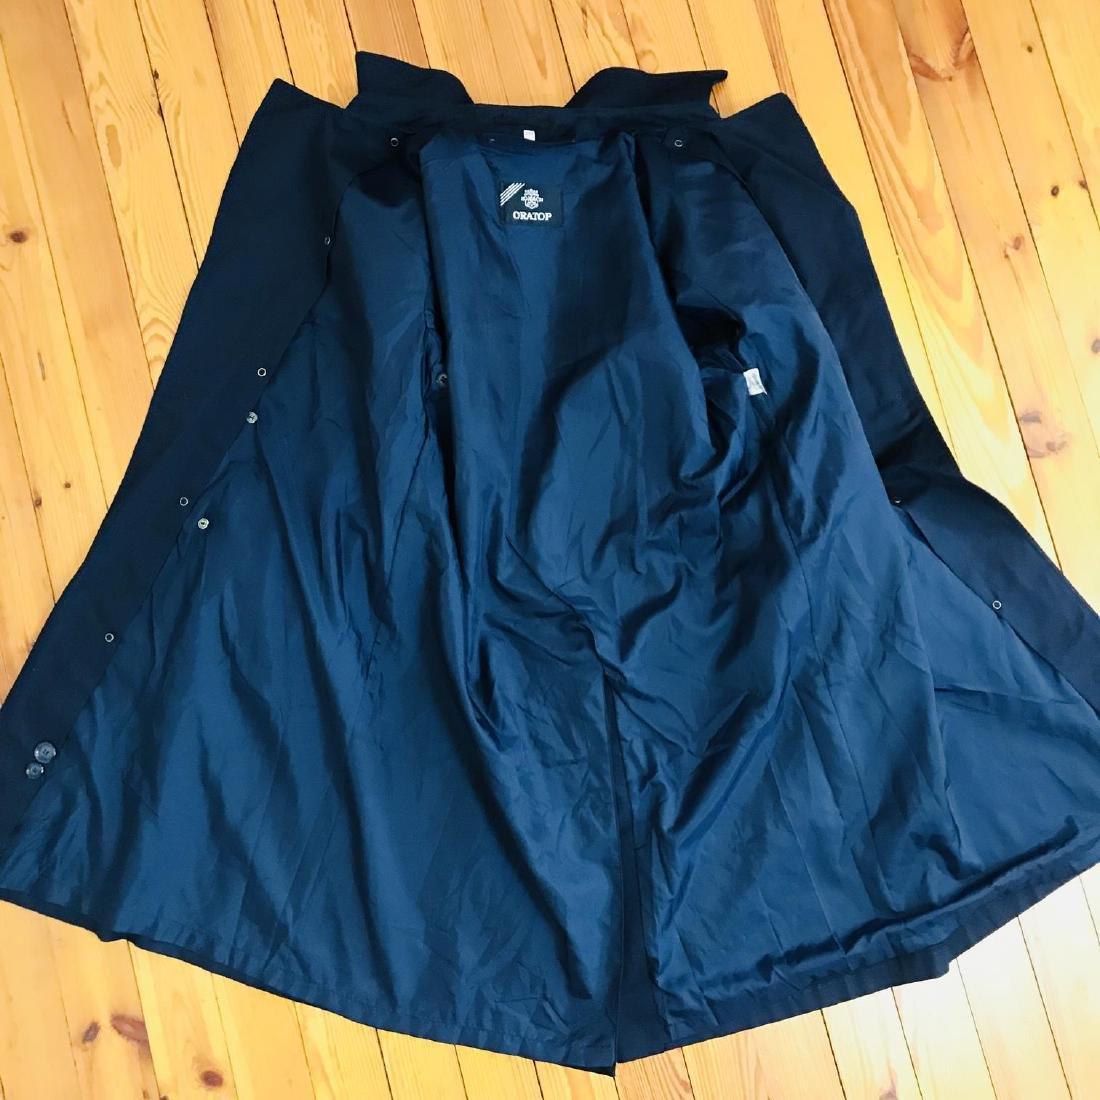 Vintage Men's Navy Blue Trench Coat Size US 42 / EUR 52 - 5